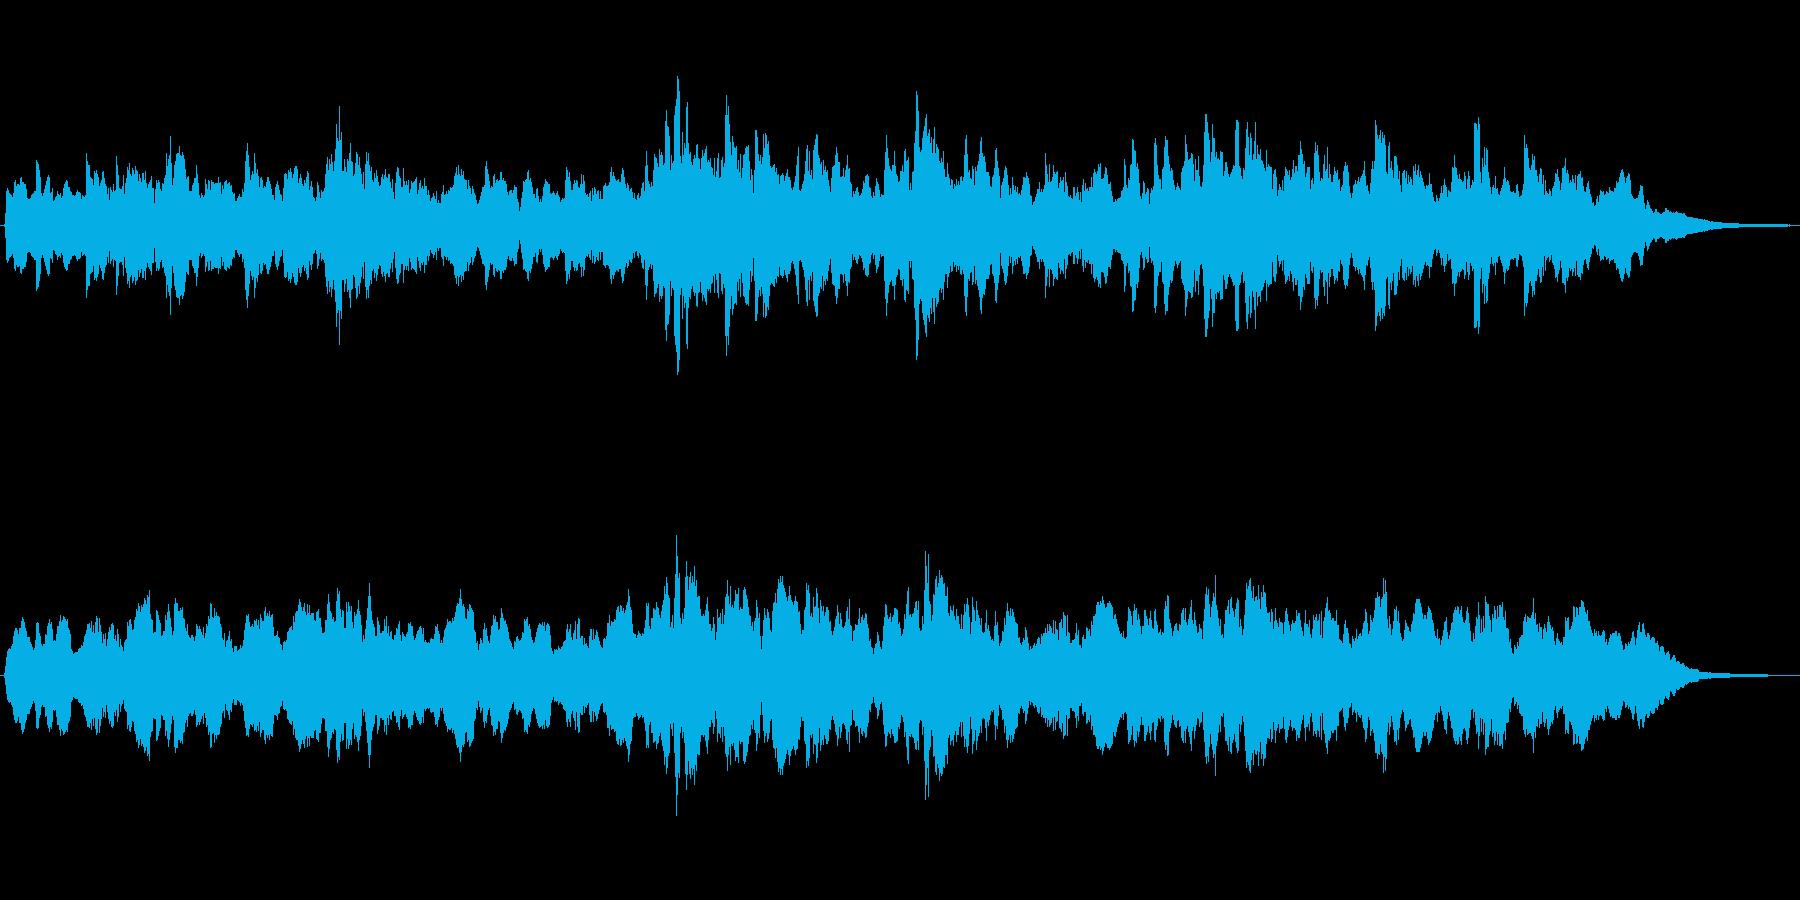 シンセパッドの神秘的な雰囲気のジングルの再生済みの波形